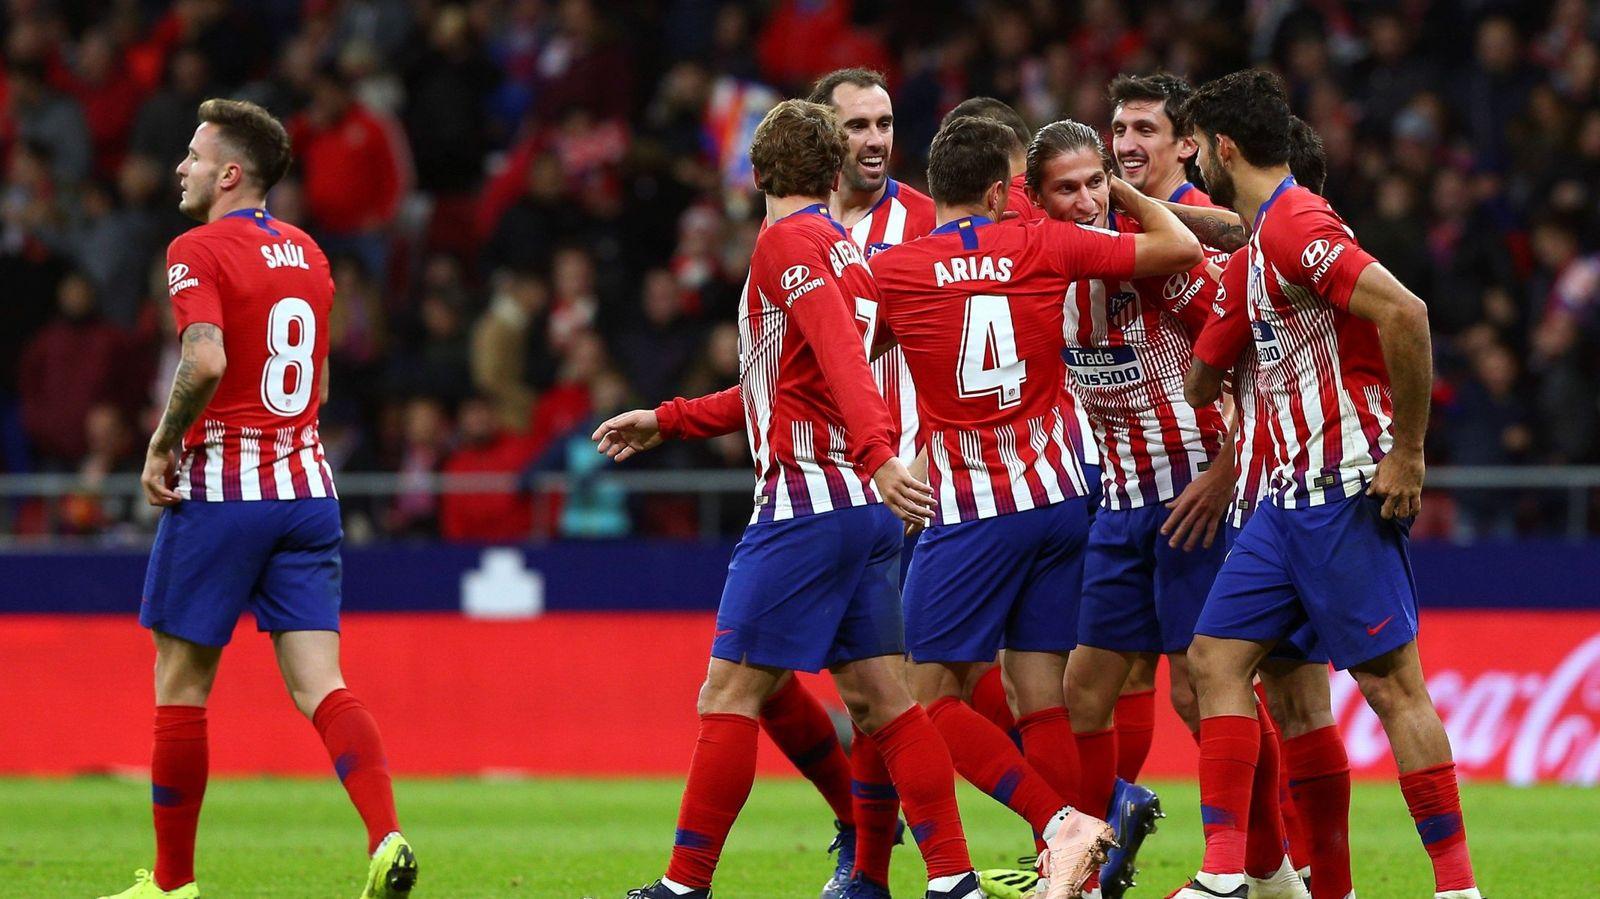 Minuto A Minuto Getafe 1 Real Sociedad 0: Real Sociedad: Resumen, Minuto Y